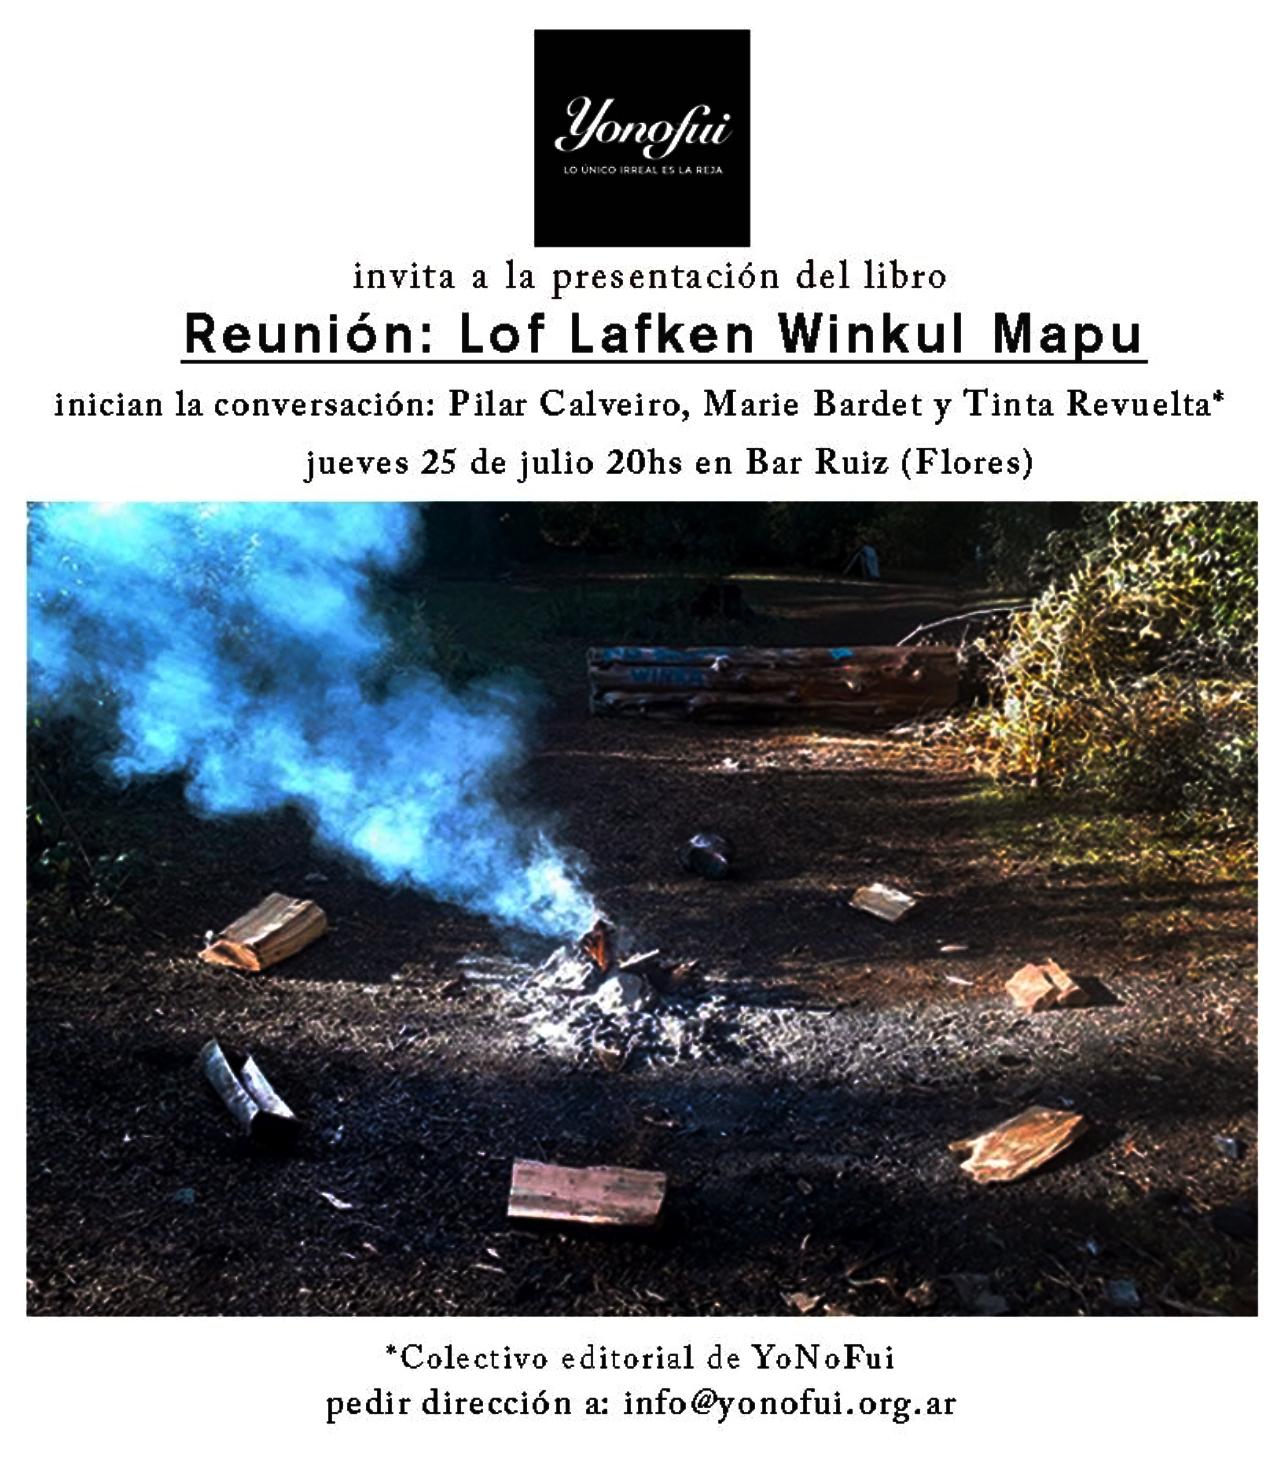 Lof Lanken Winkul Mapu